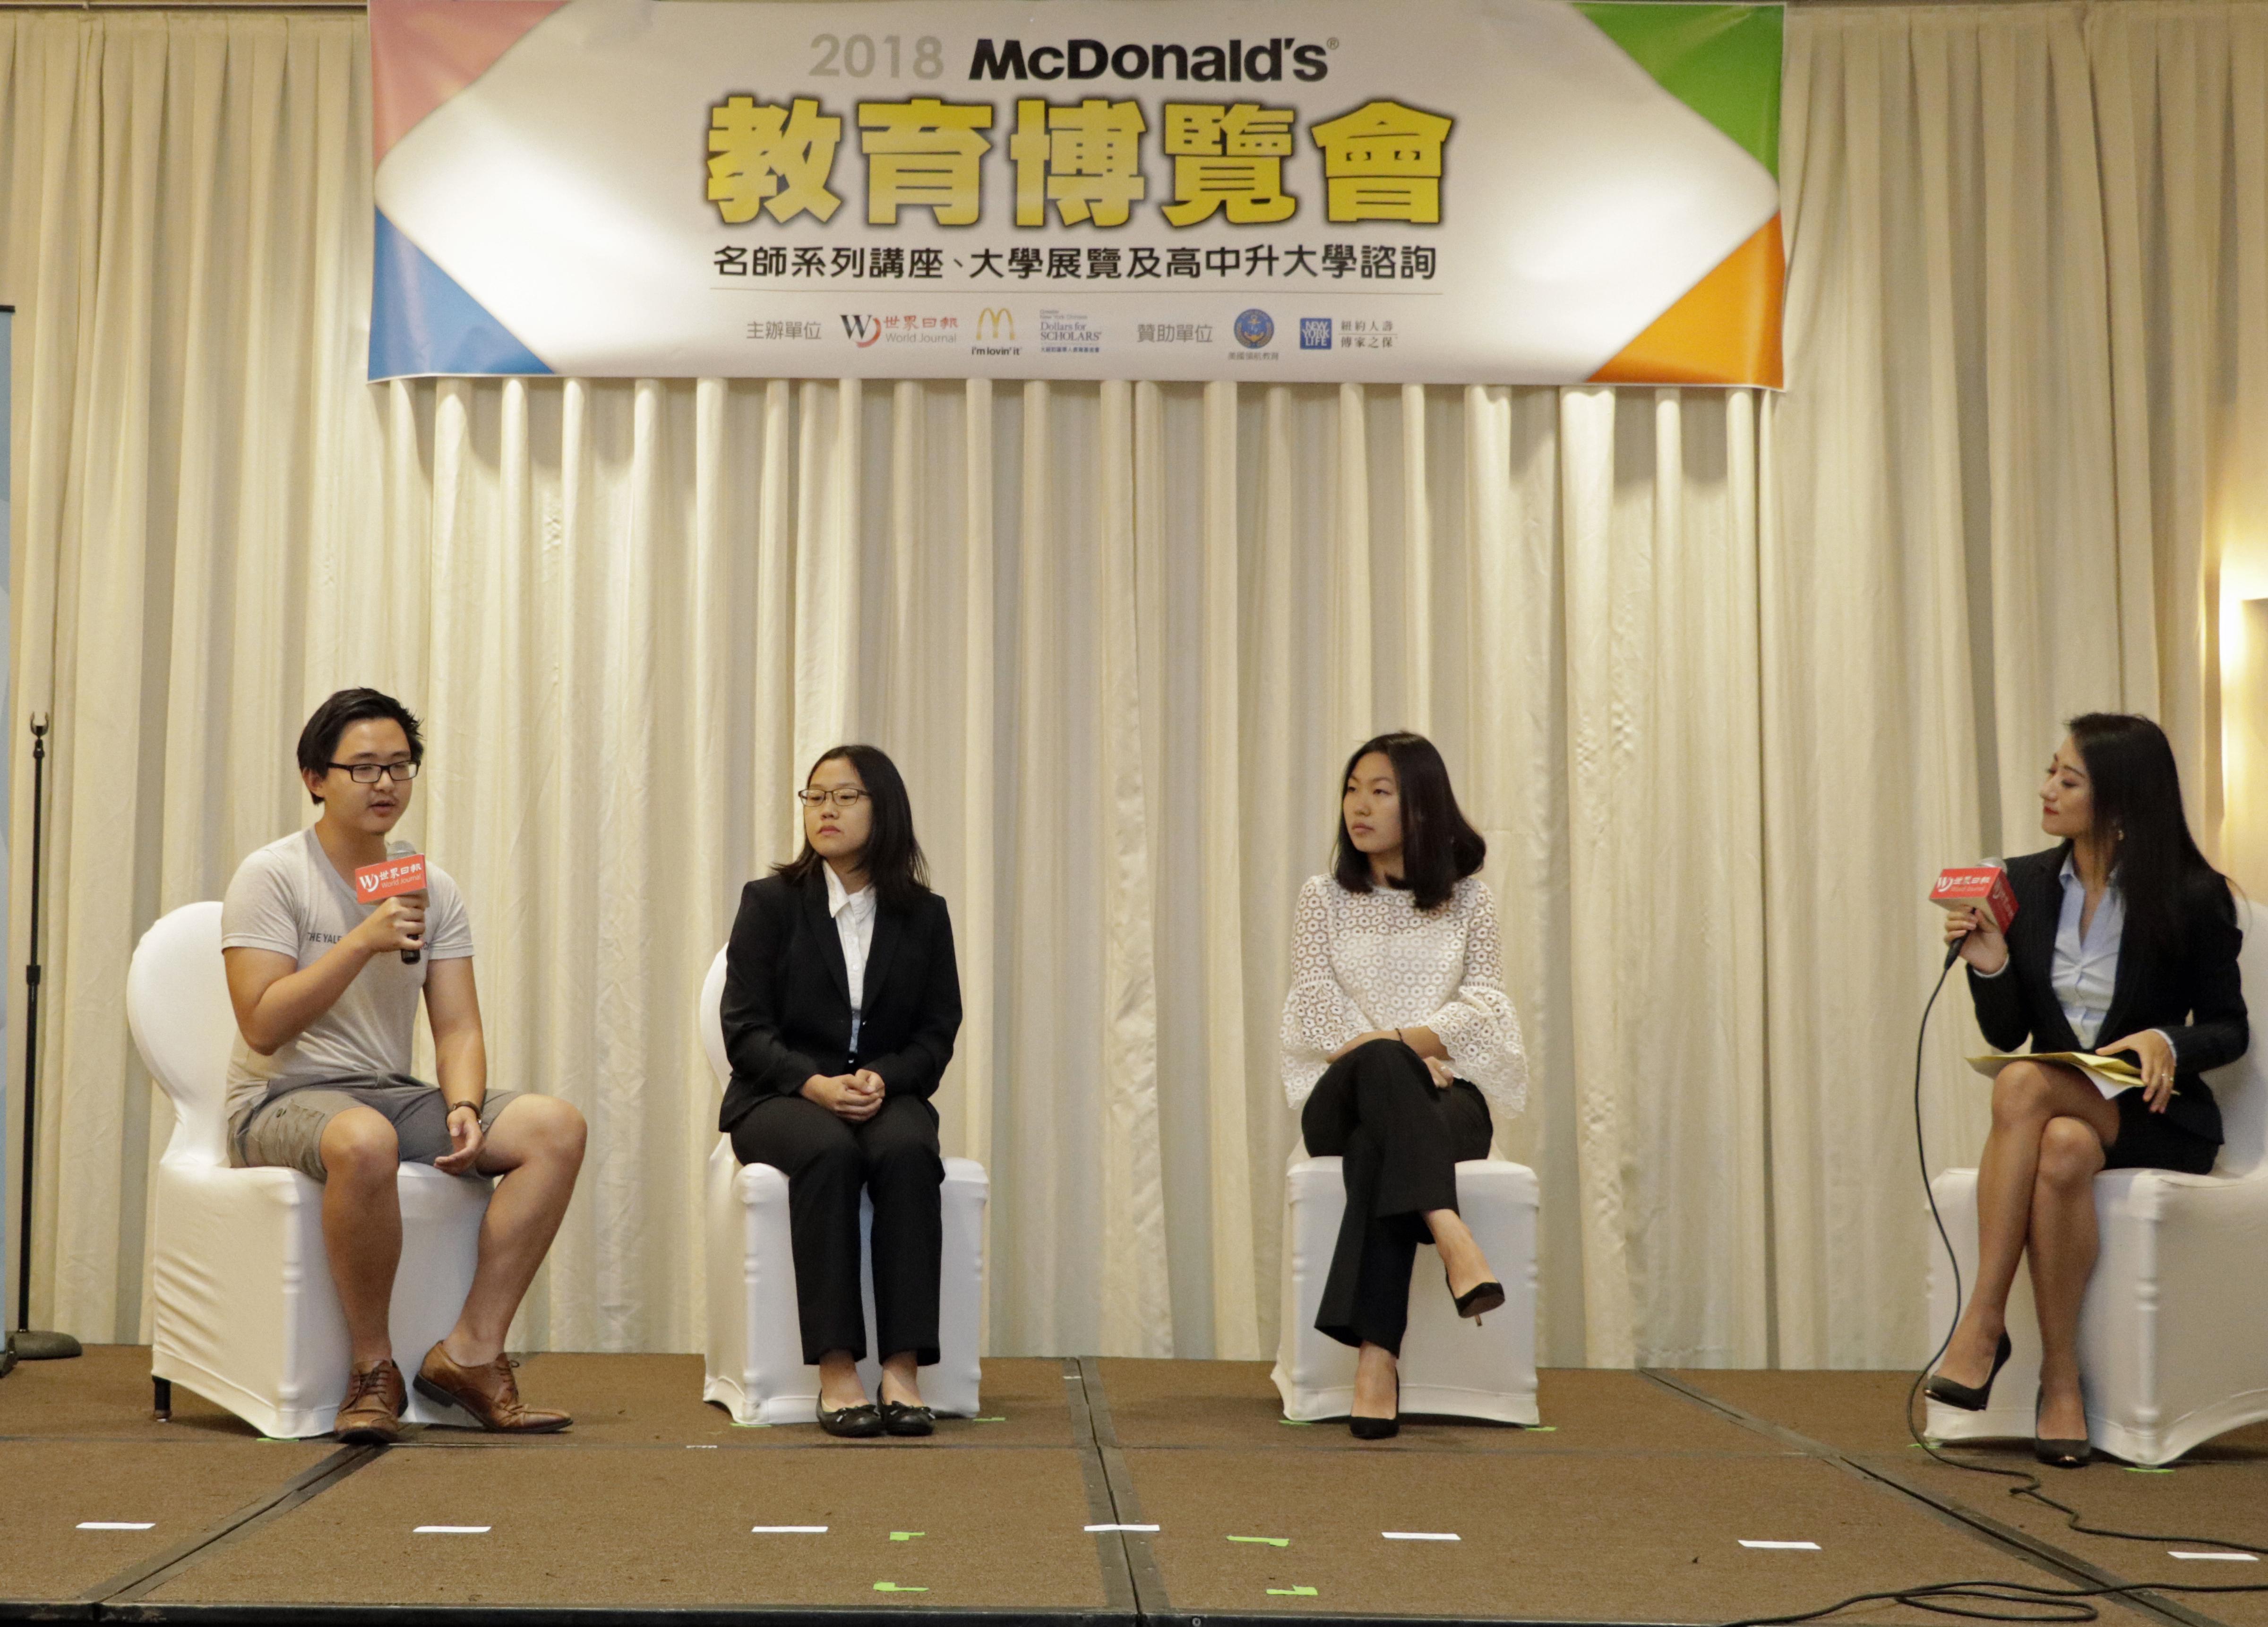 來自耶魯大學的魯匯深(Jason Lu)、哥倫比亞大學的譚艷珍(Selena Tan)和胡依琳(Elin Hu)三名華裔學生,分享他們申請進入名校經驗。